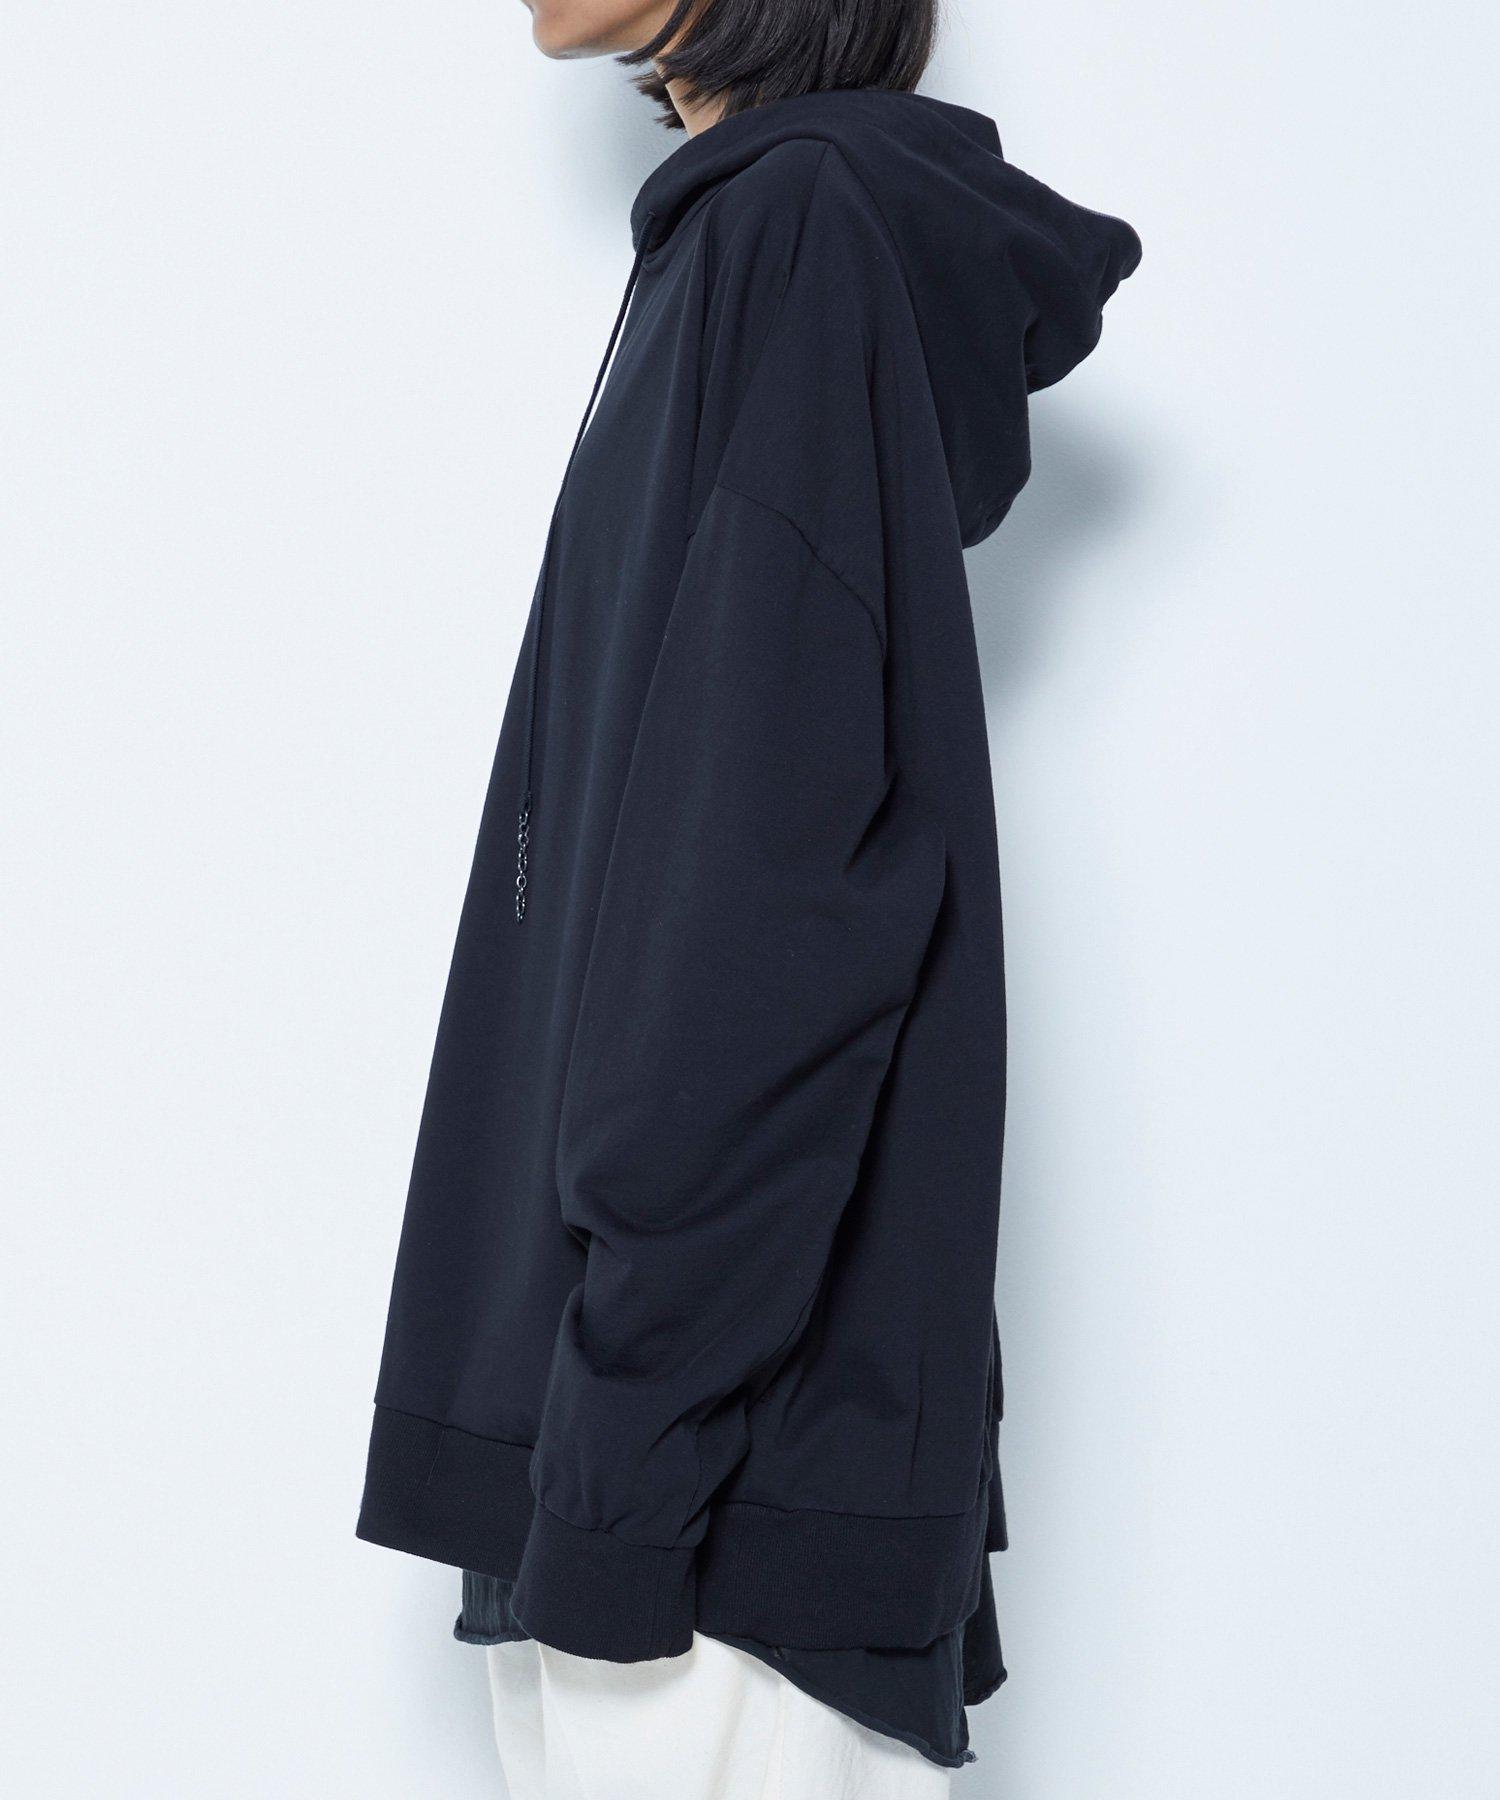 SWT HOODIE 【BLACK】